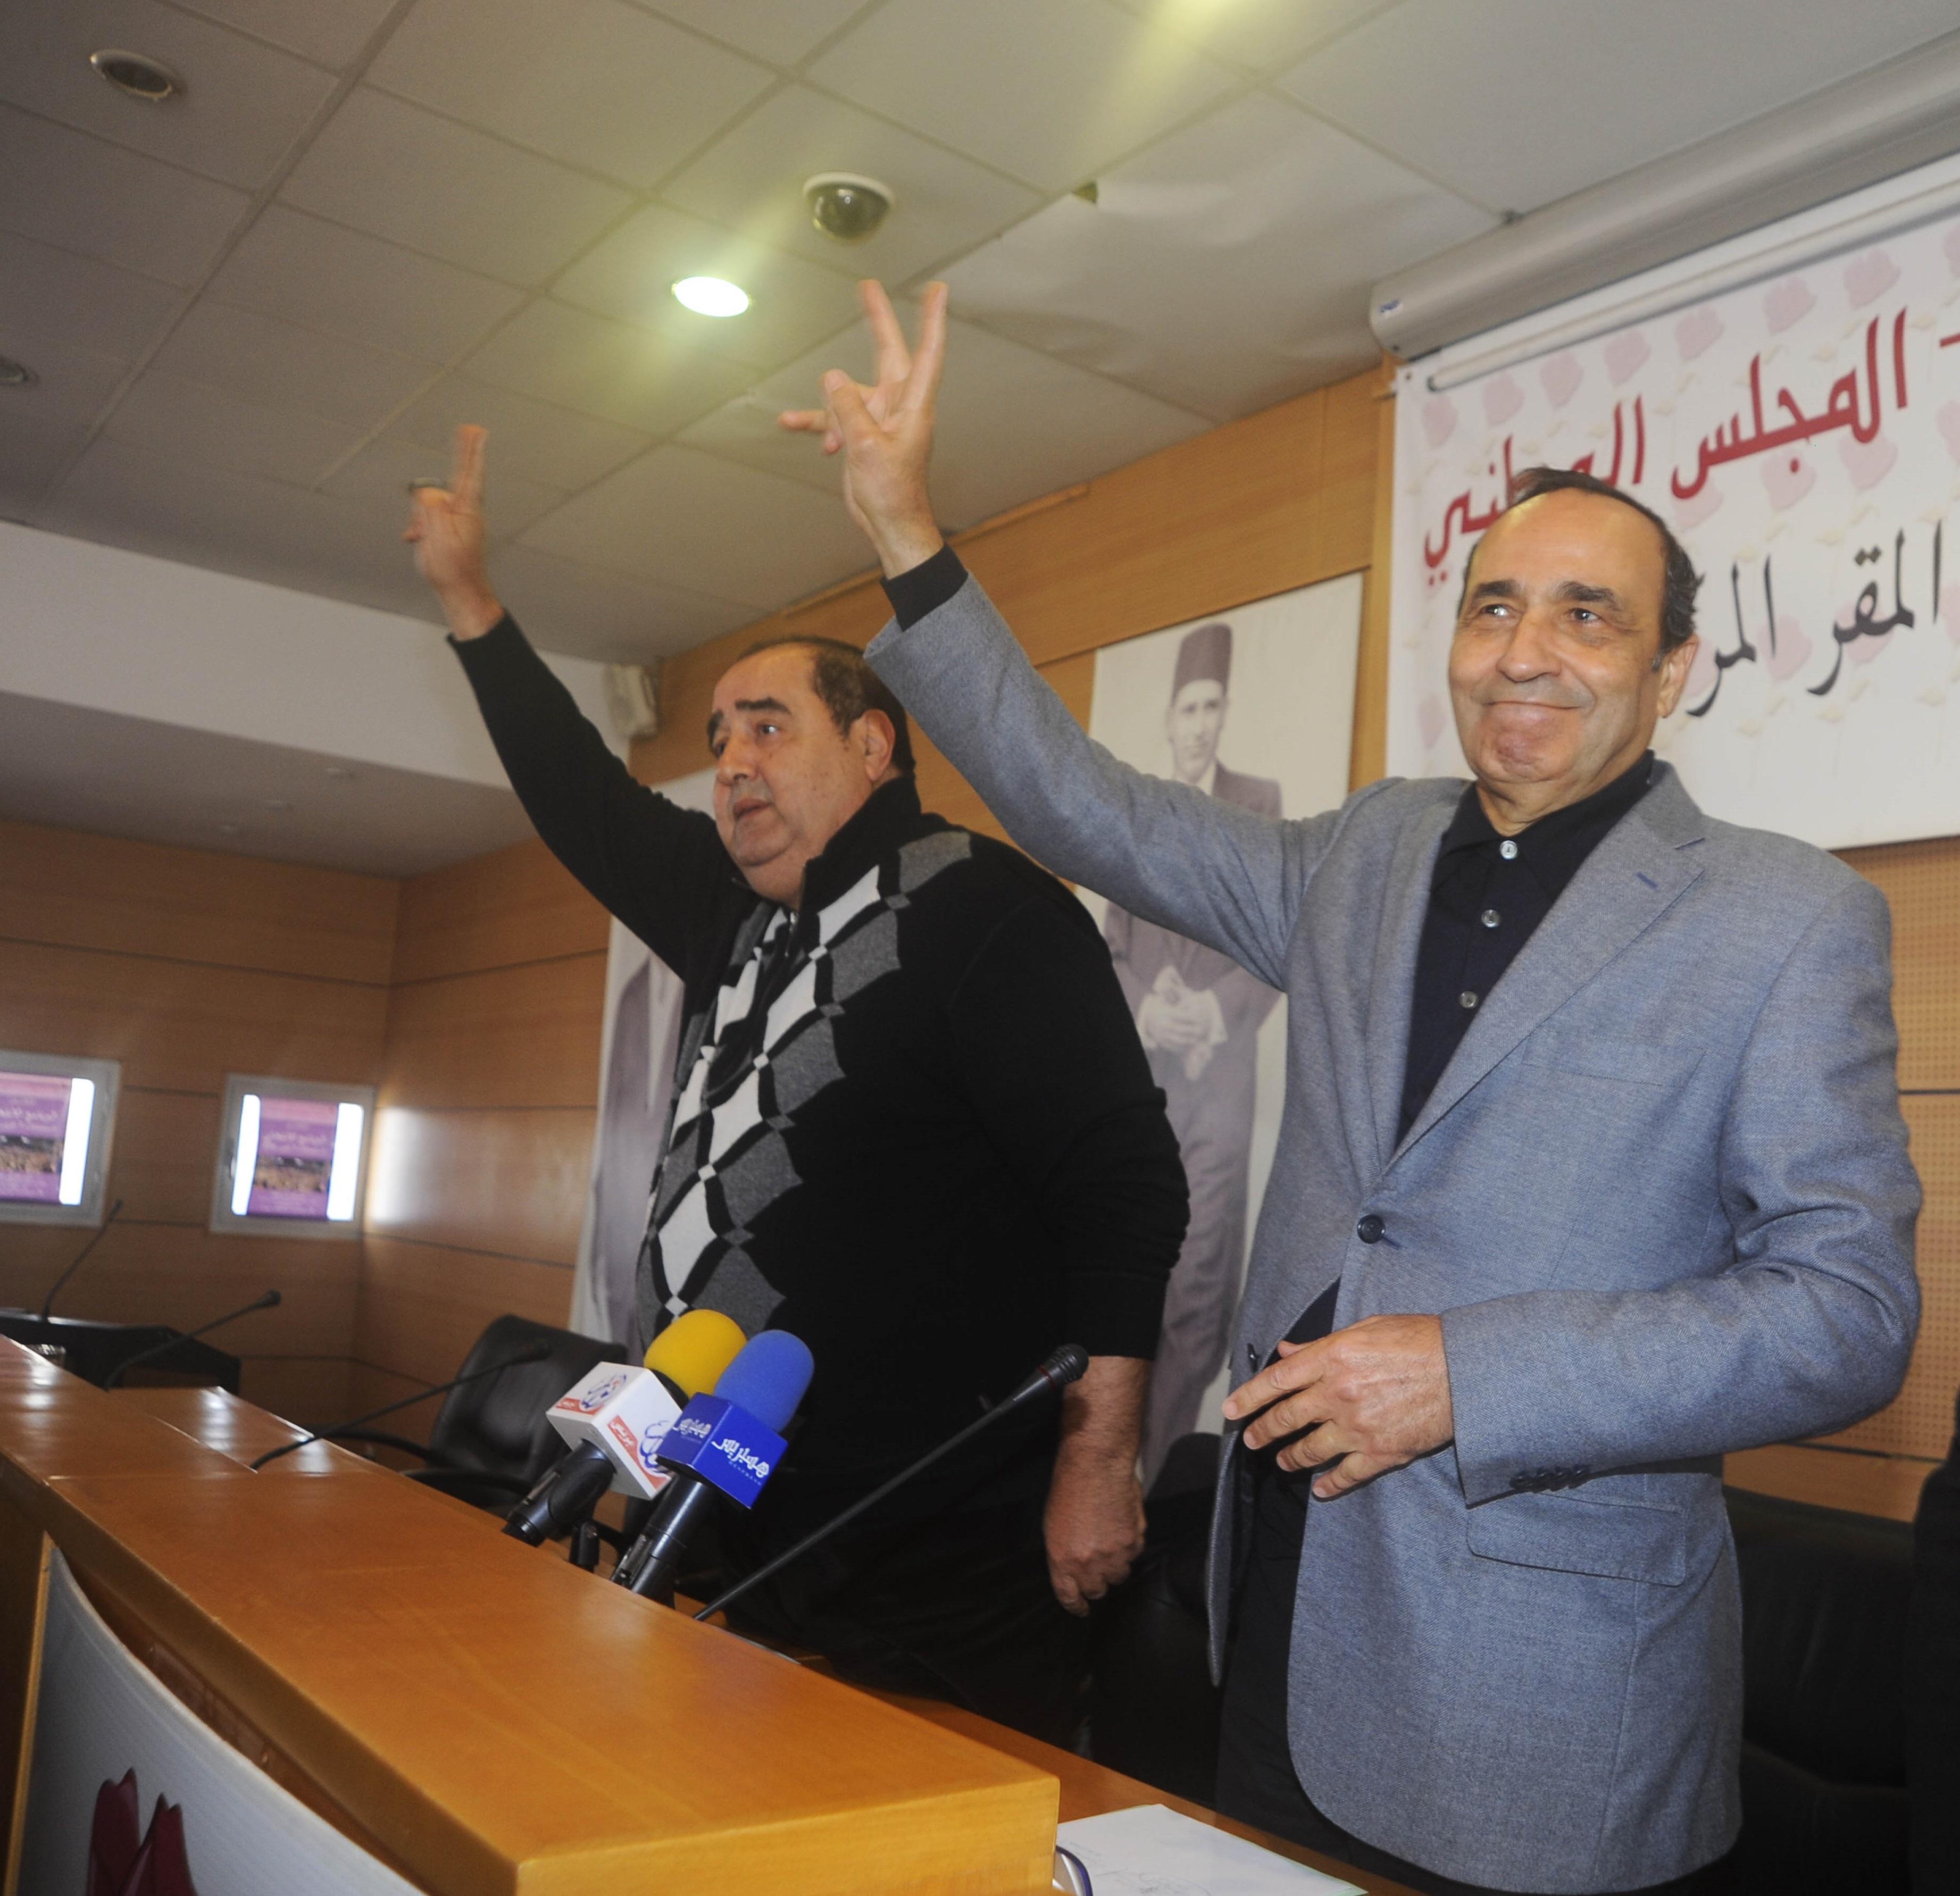 Habib El Malki: Le Xème Congrès constitue une opportunité pour une interpellation objective de la conjoncture actuelle et des perspectives de la social-démocratie à la lumière de la montée du populisme